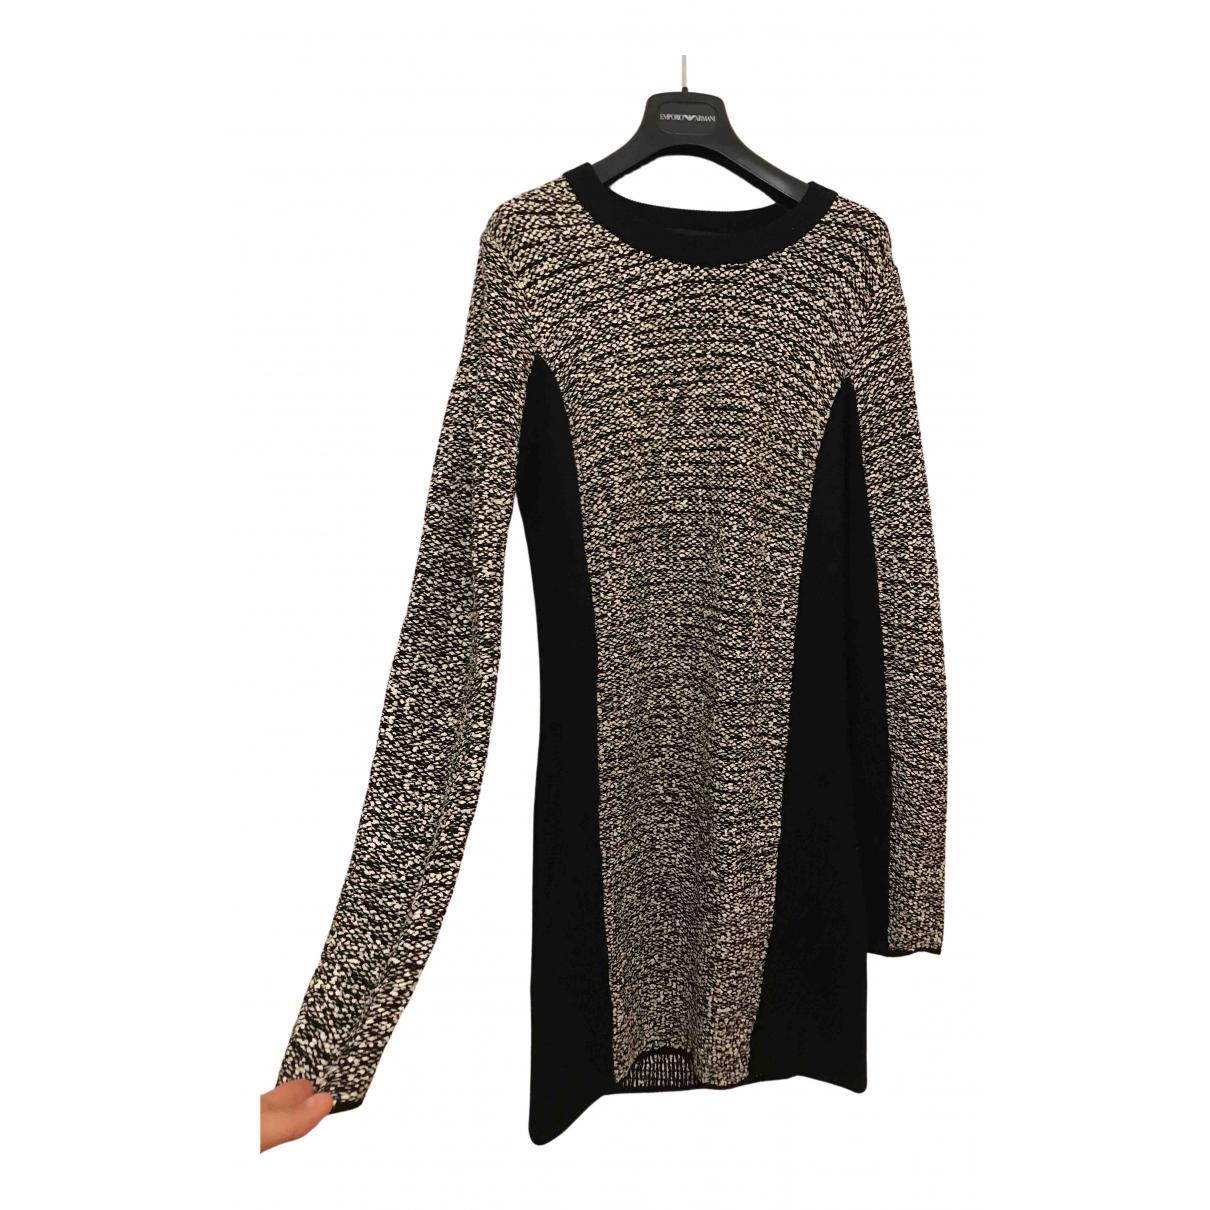 Alexander Wang \N Wool dress for Women L International